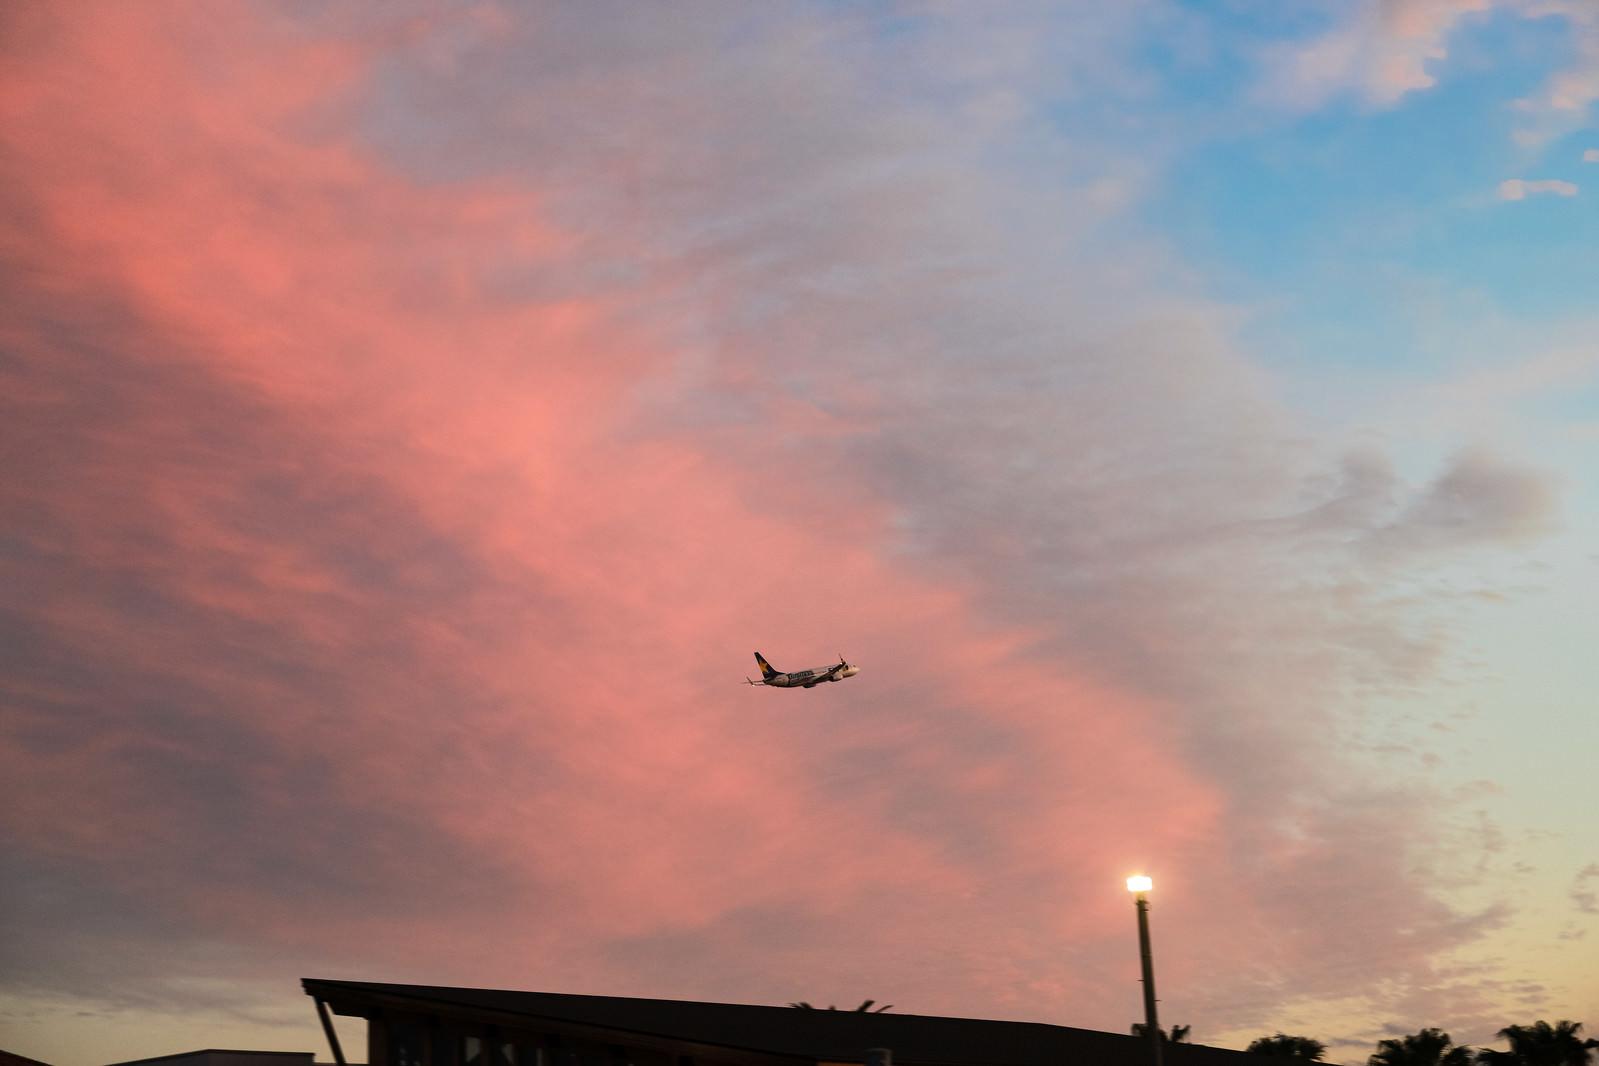 「夕焼け雲と飛び立つ旅客機」の写真